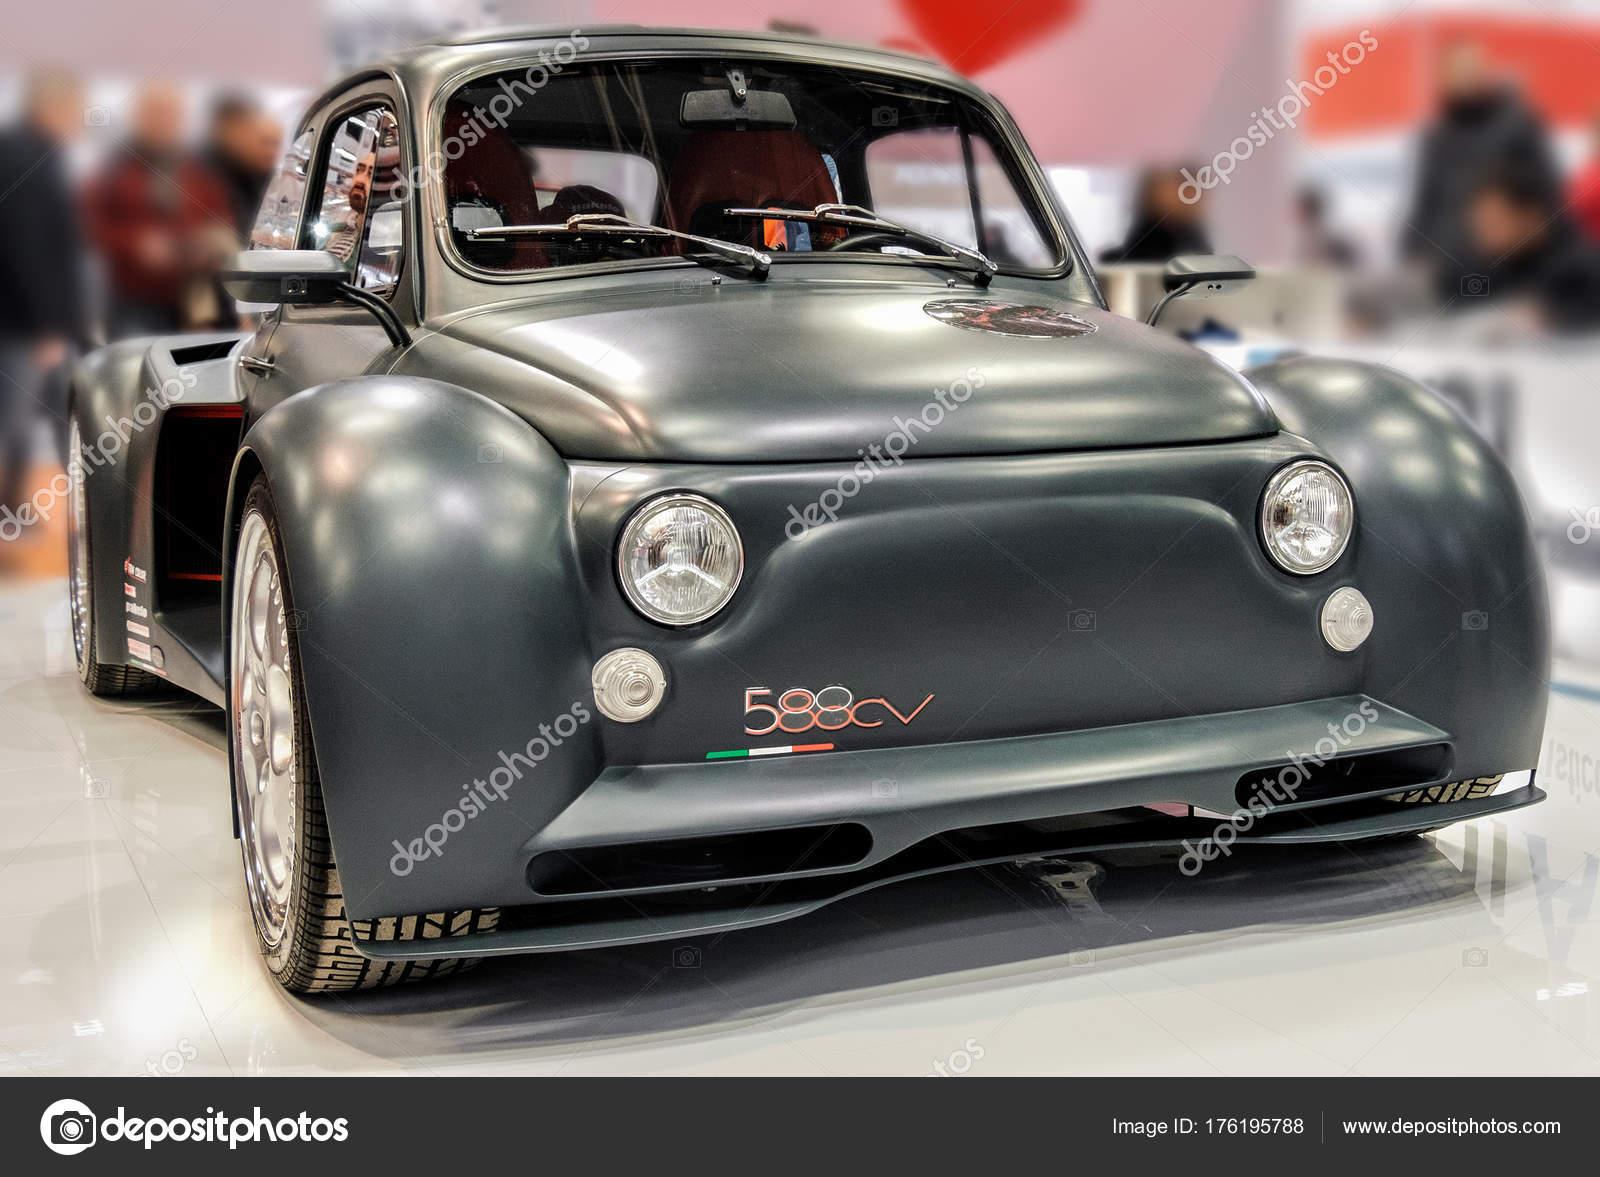 noir fiat 500 lamborghini voiture italienne photo ditoriale philfreez 176195788. Black Bedroom Furniture Sets. Home Design Ideas